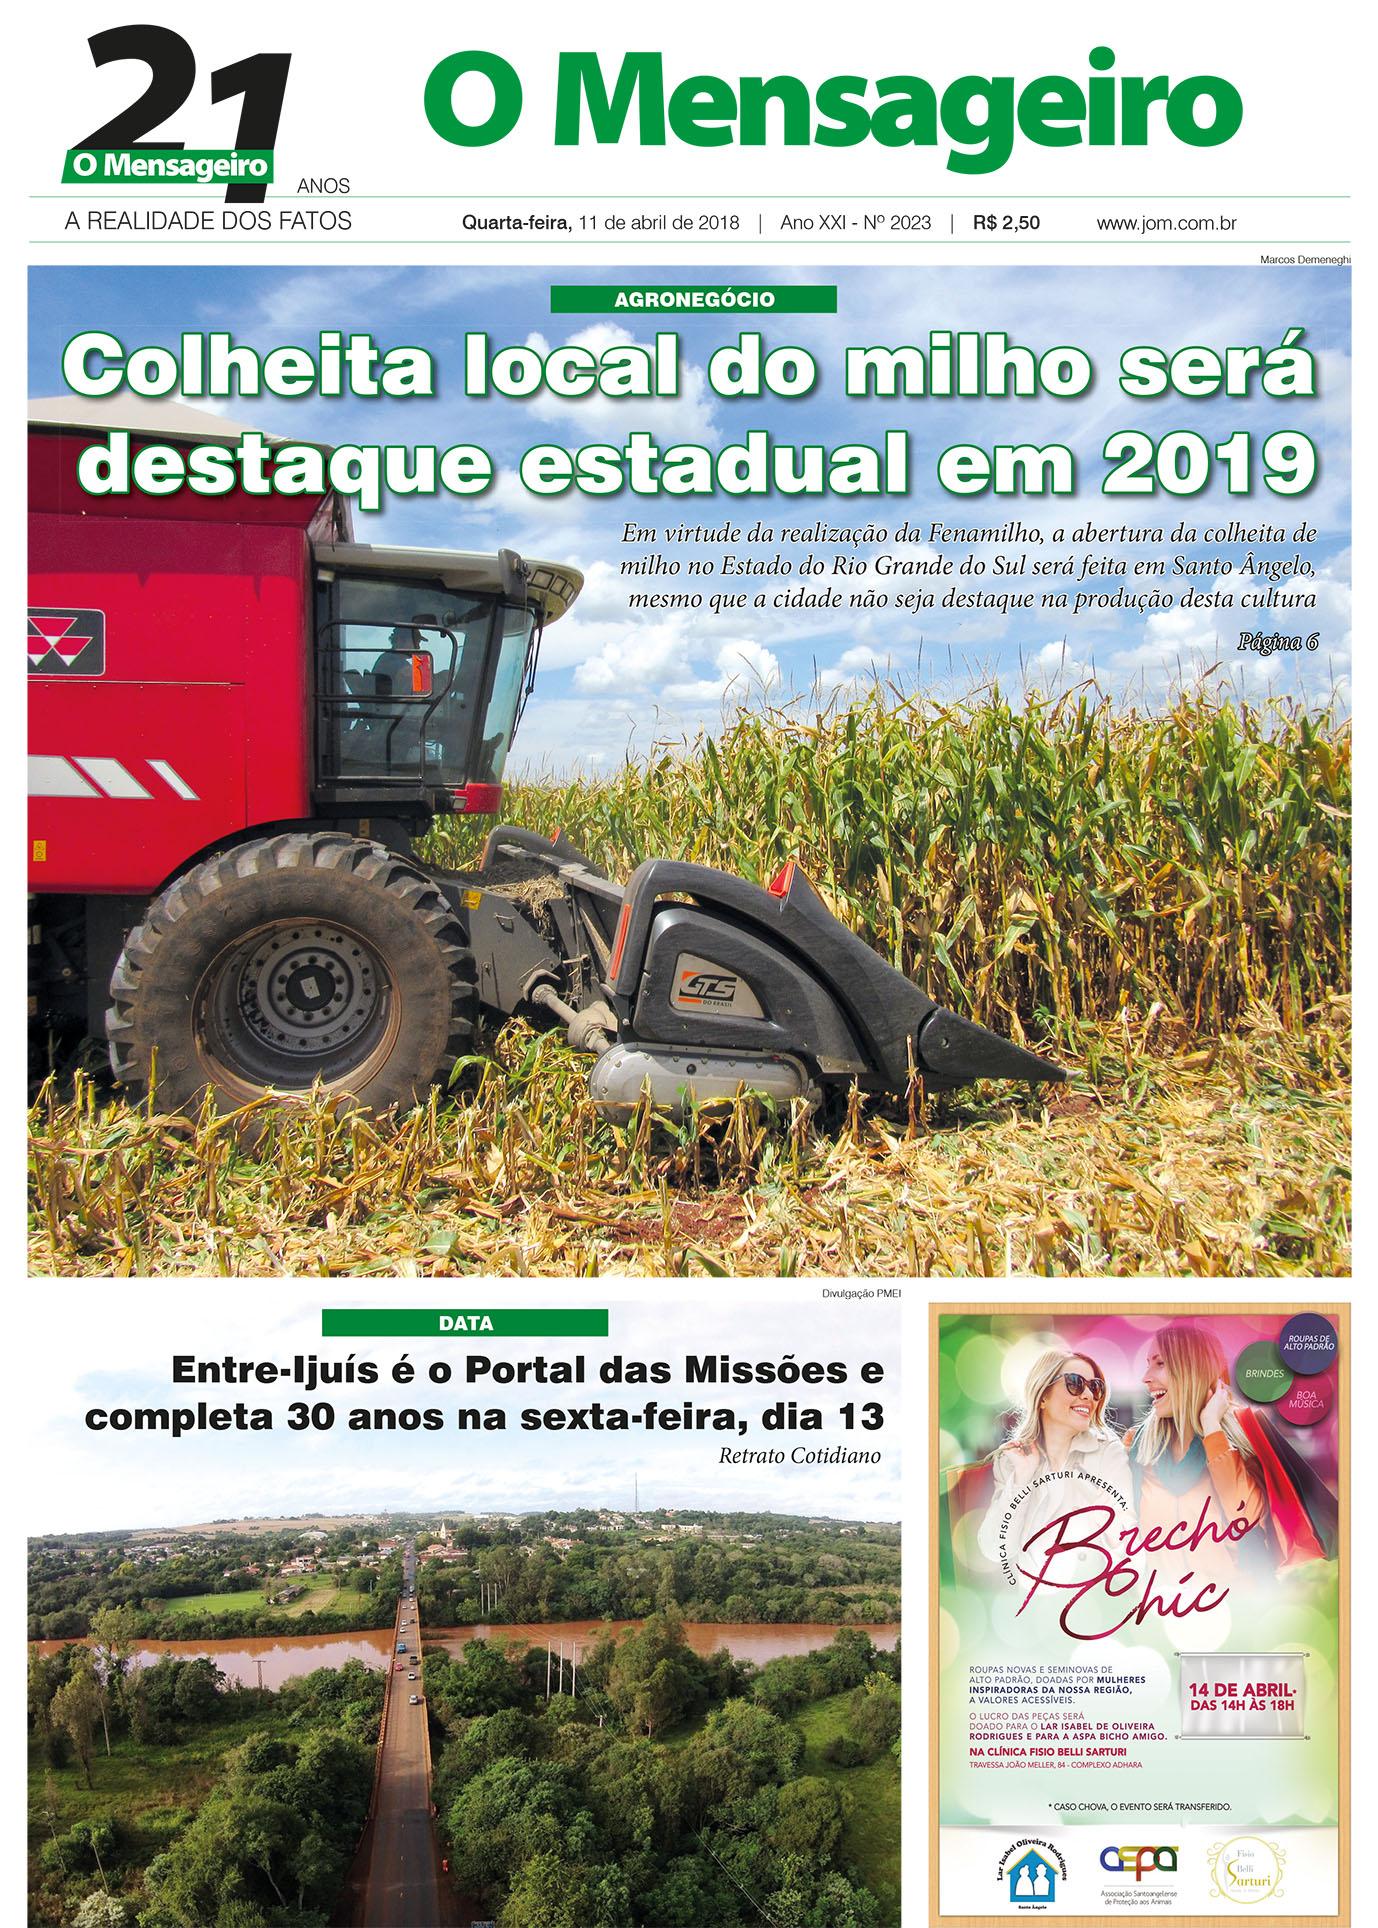 11042017 - O Mensageiro.indd